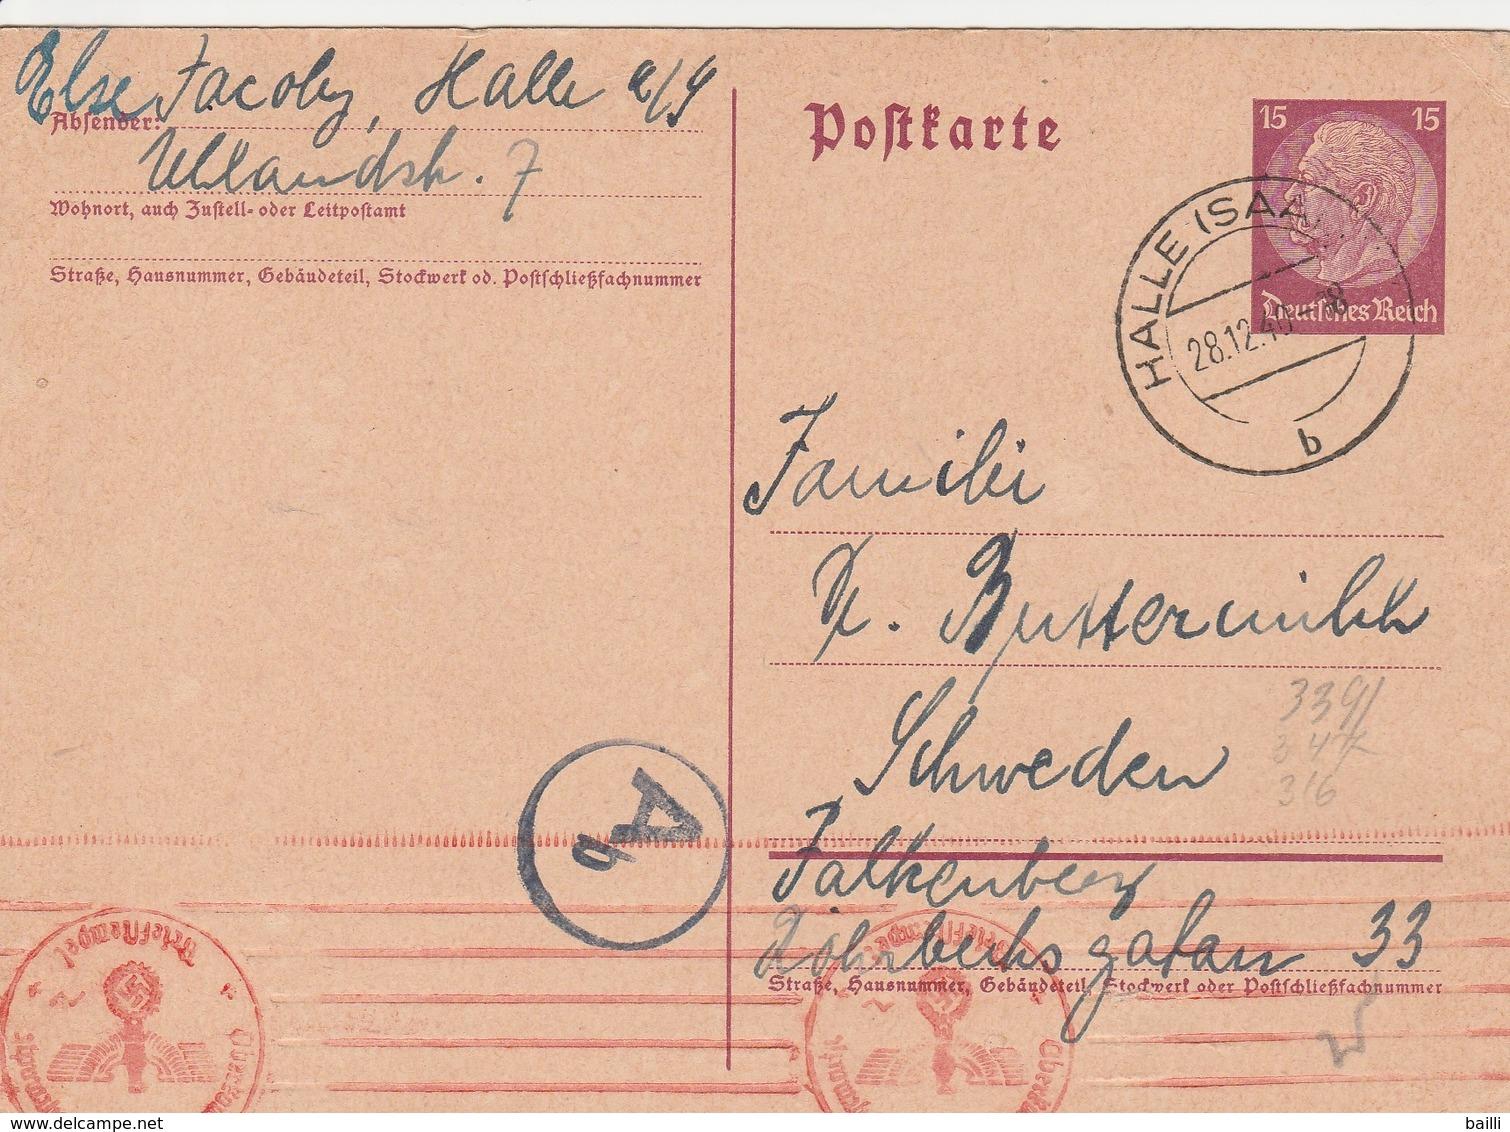 Allemagne Entier Postal Censuré Halle Pour La Suède 1940 - Germany